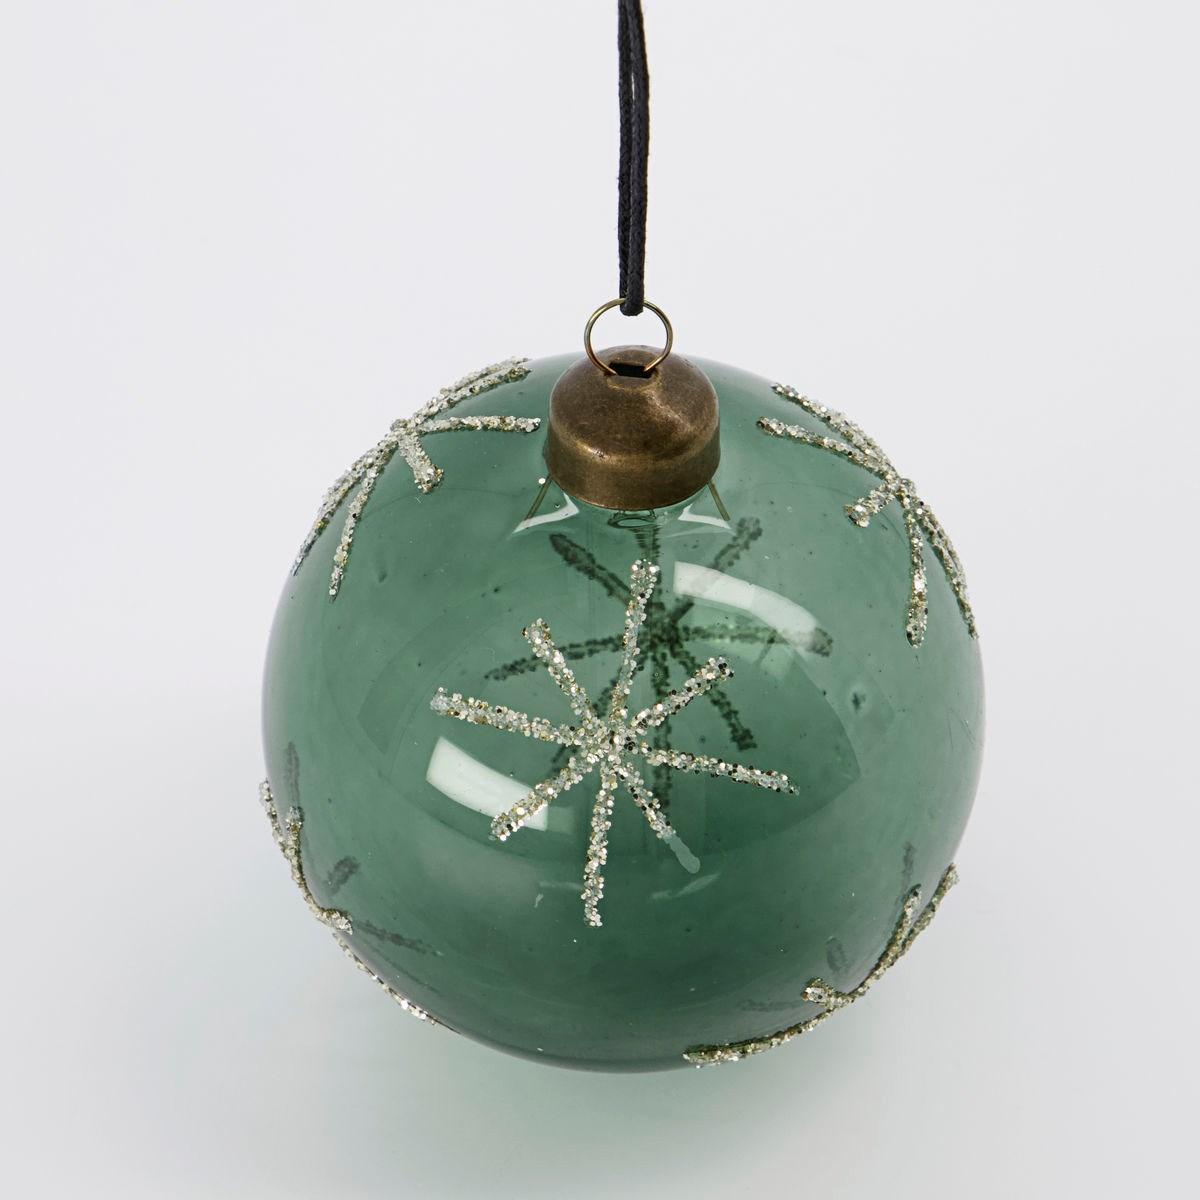 Vánoční ozdoba STAR Green 8 cm koule zelená_1